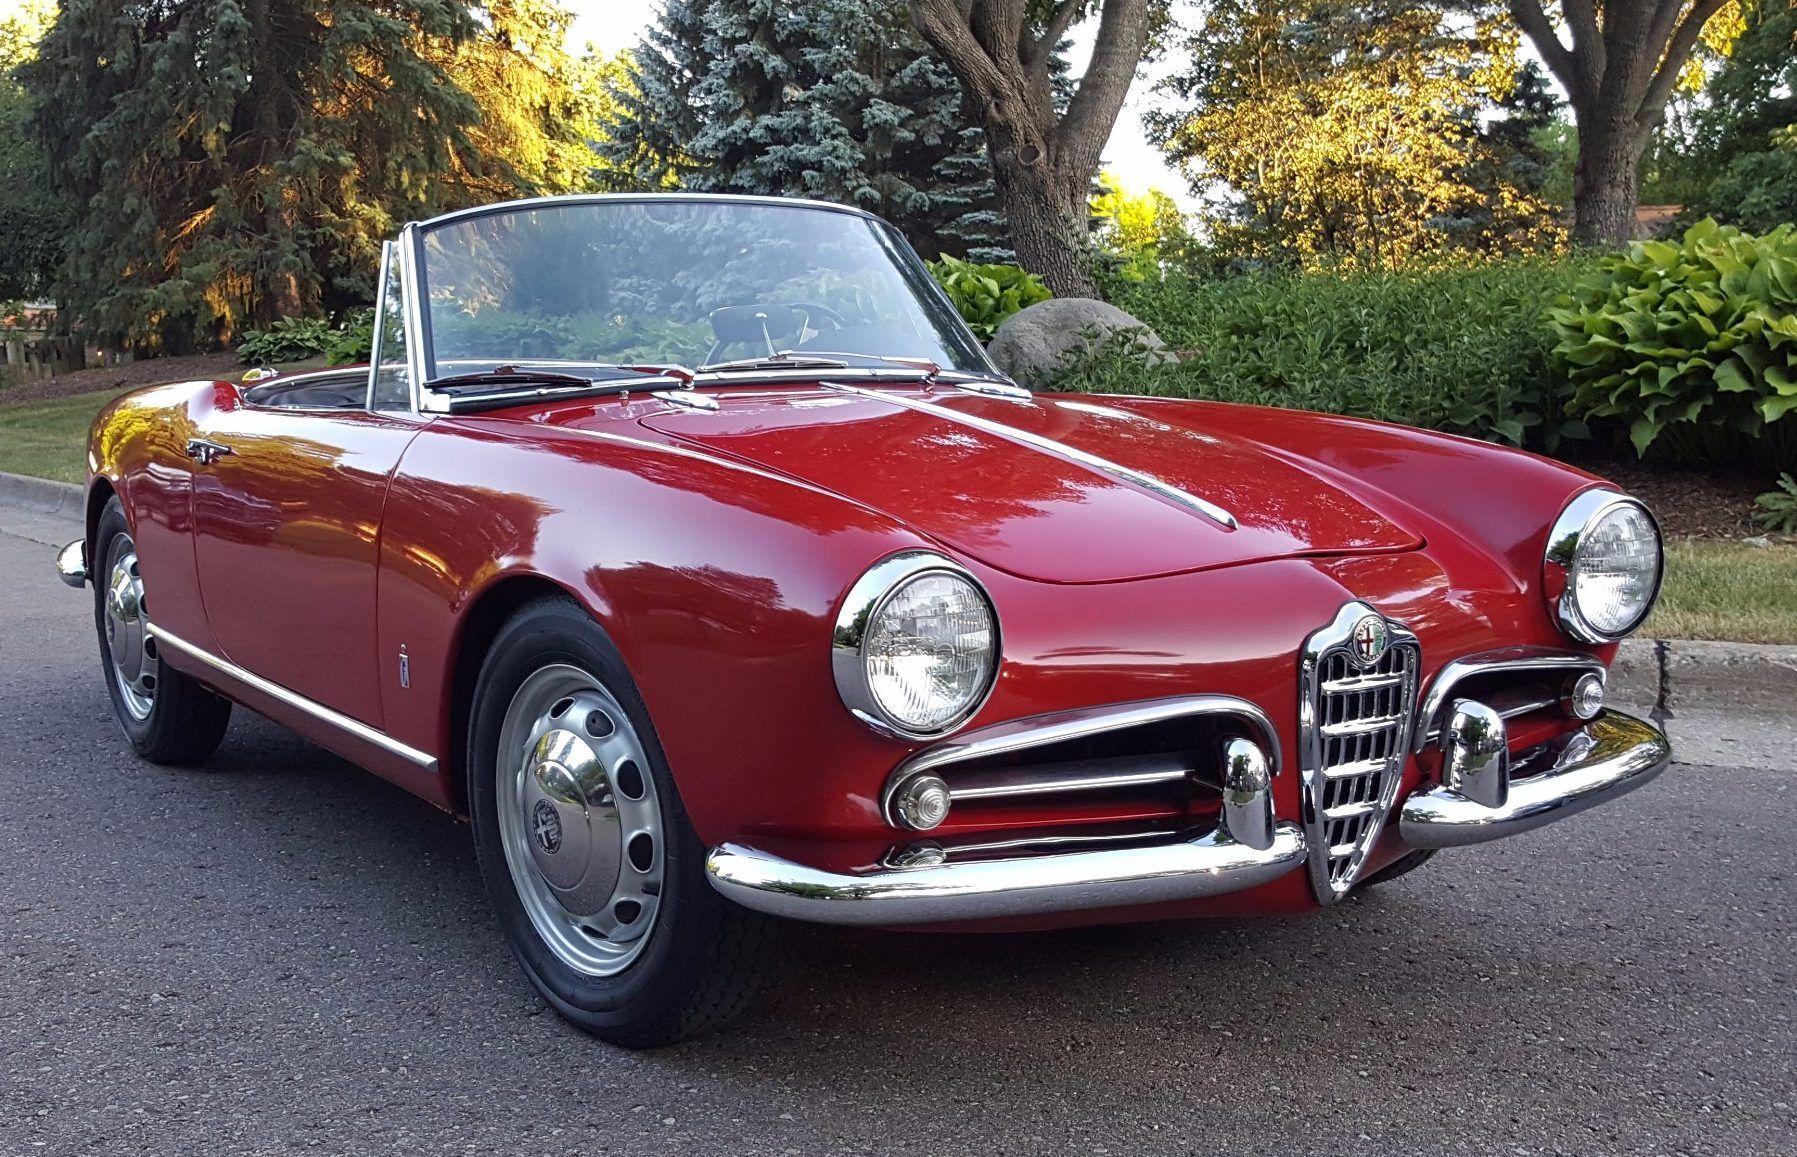 1962 Alfa Romeo Giulietta Spider Normale Alfa romeo